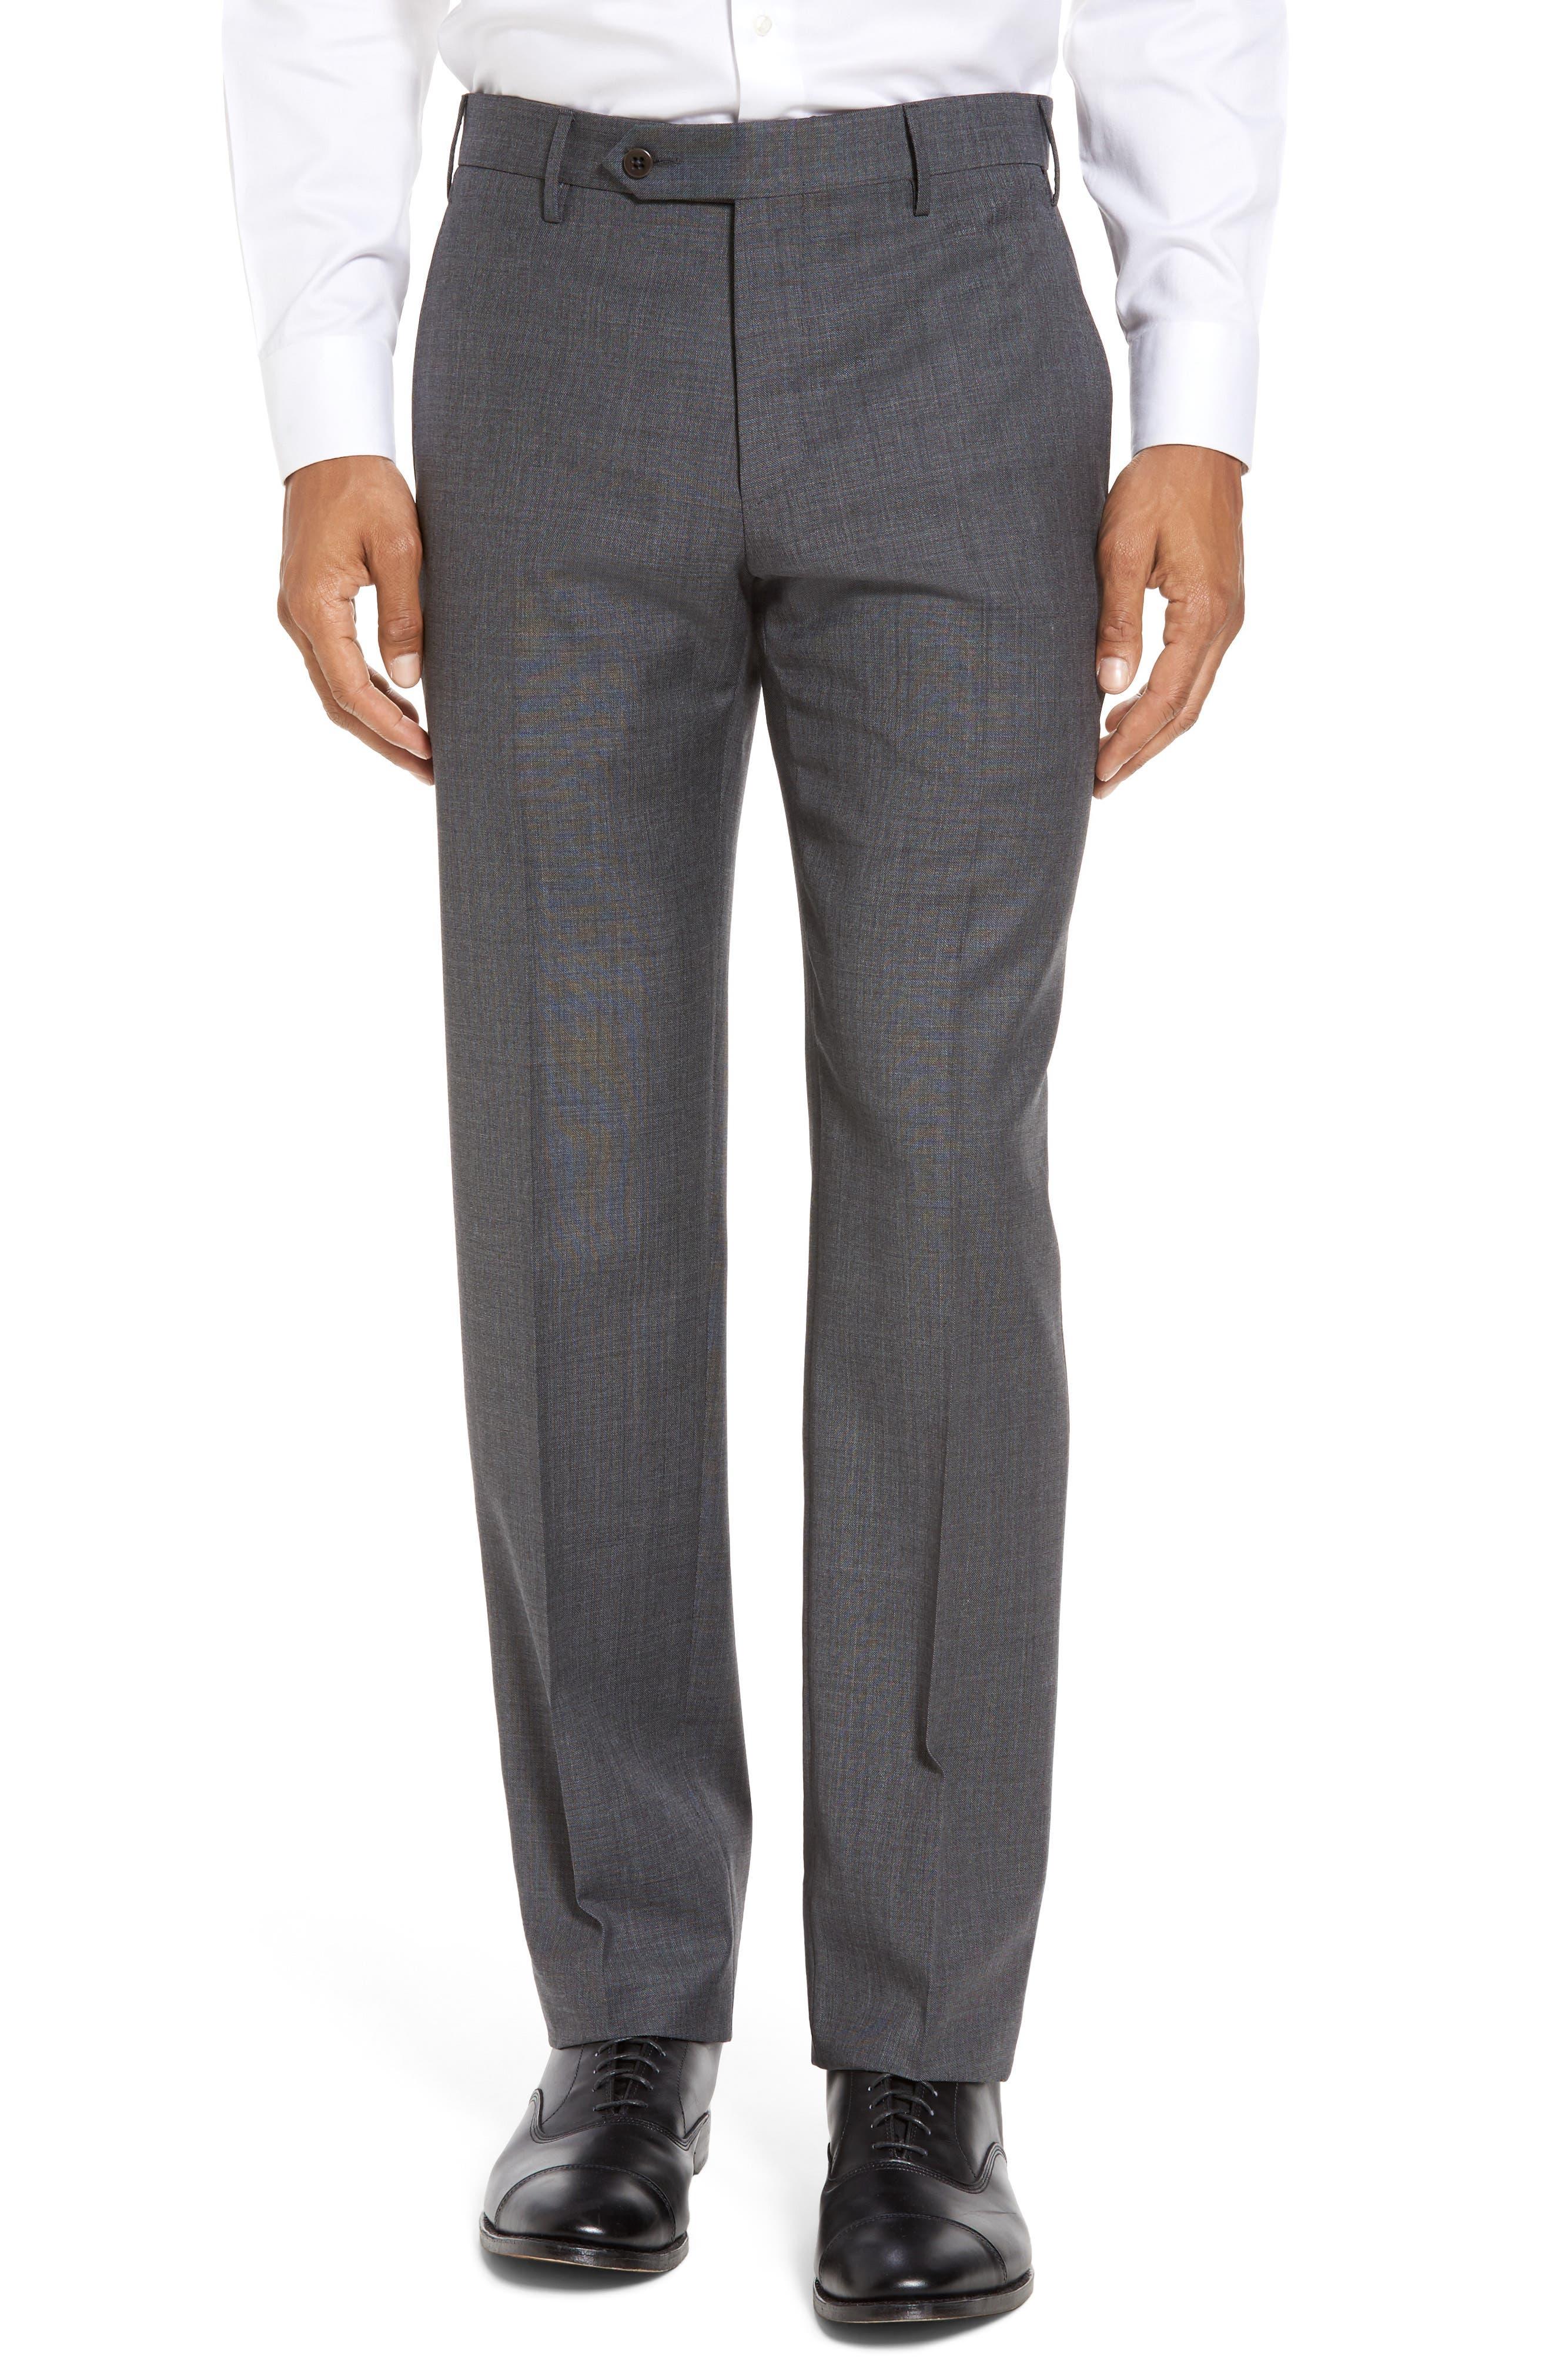 ZANELLA Parker Flat Front Sharkskin Wool Trousers in Medium Grey